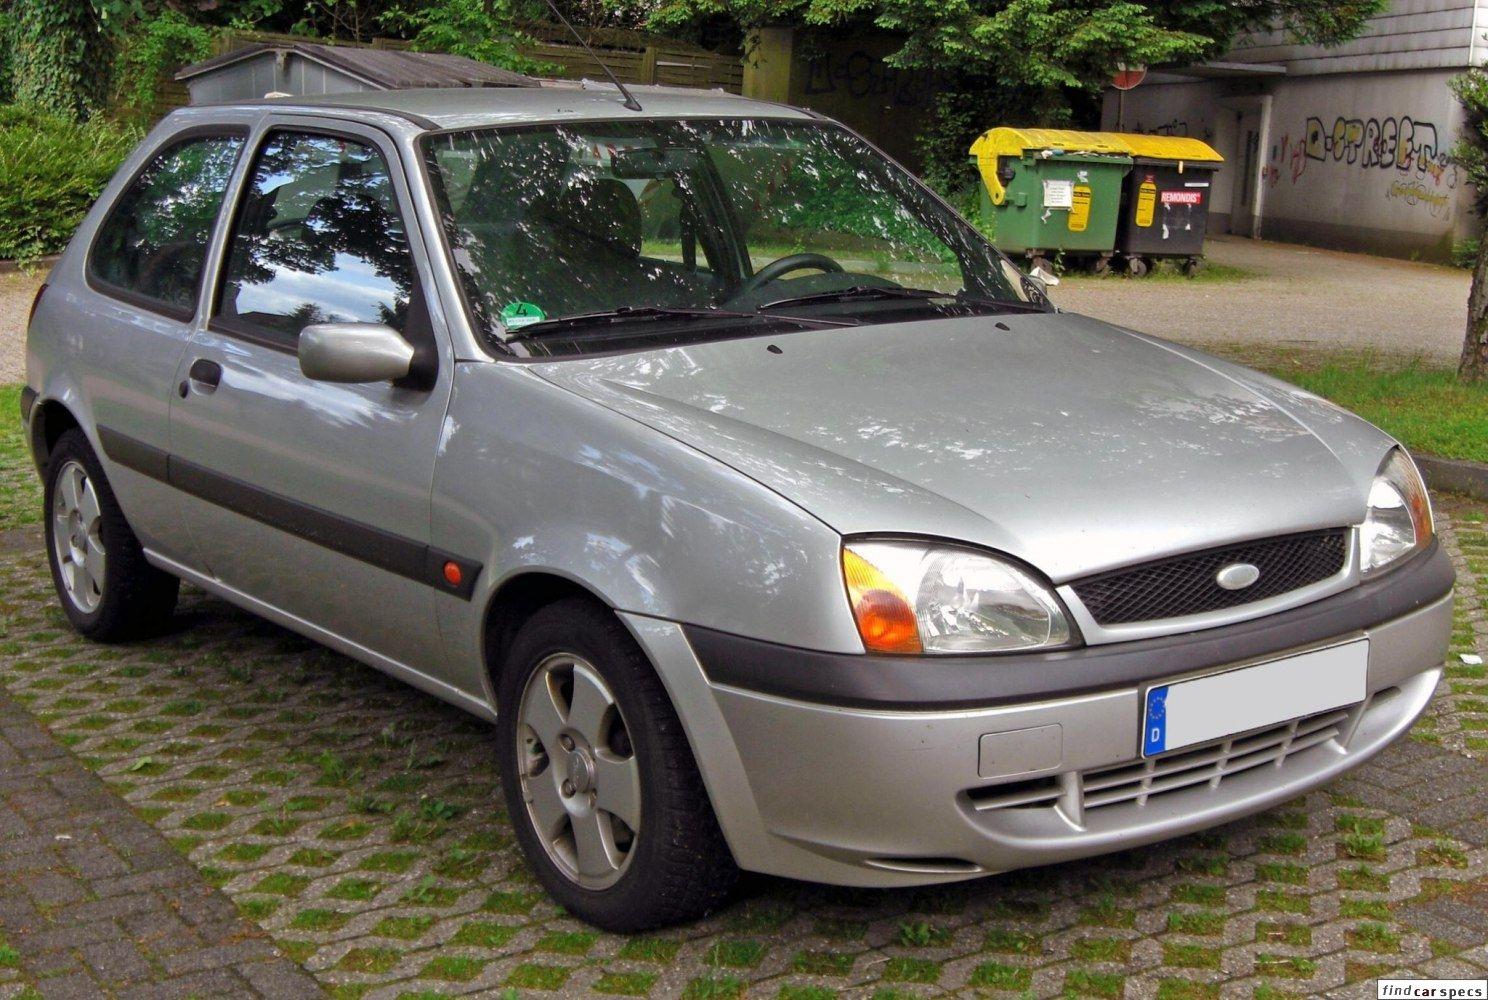 Ford Fiesta Fiesta V Mk5 3 Door 1 8 D 60 Hp Diesel 1999 1999 Fiesta V Mk5 3 Door 1 8 D 60 Hp Diesel 1999 1999 In 2020 Ford Ford Fiesta Diesel